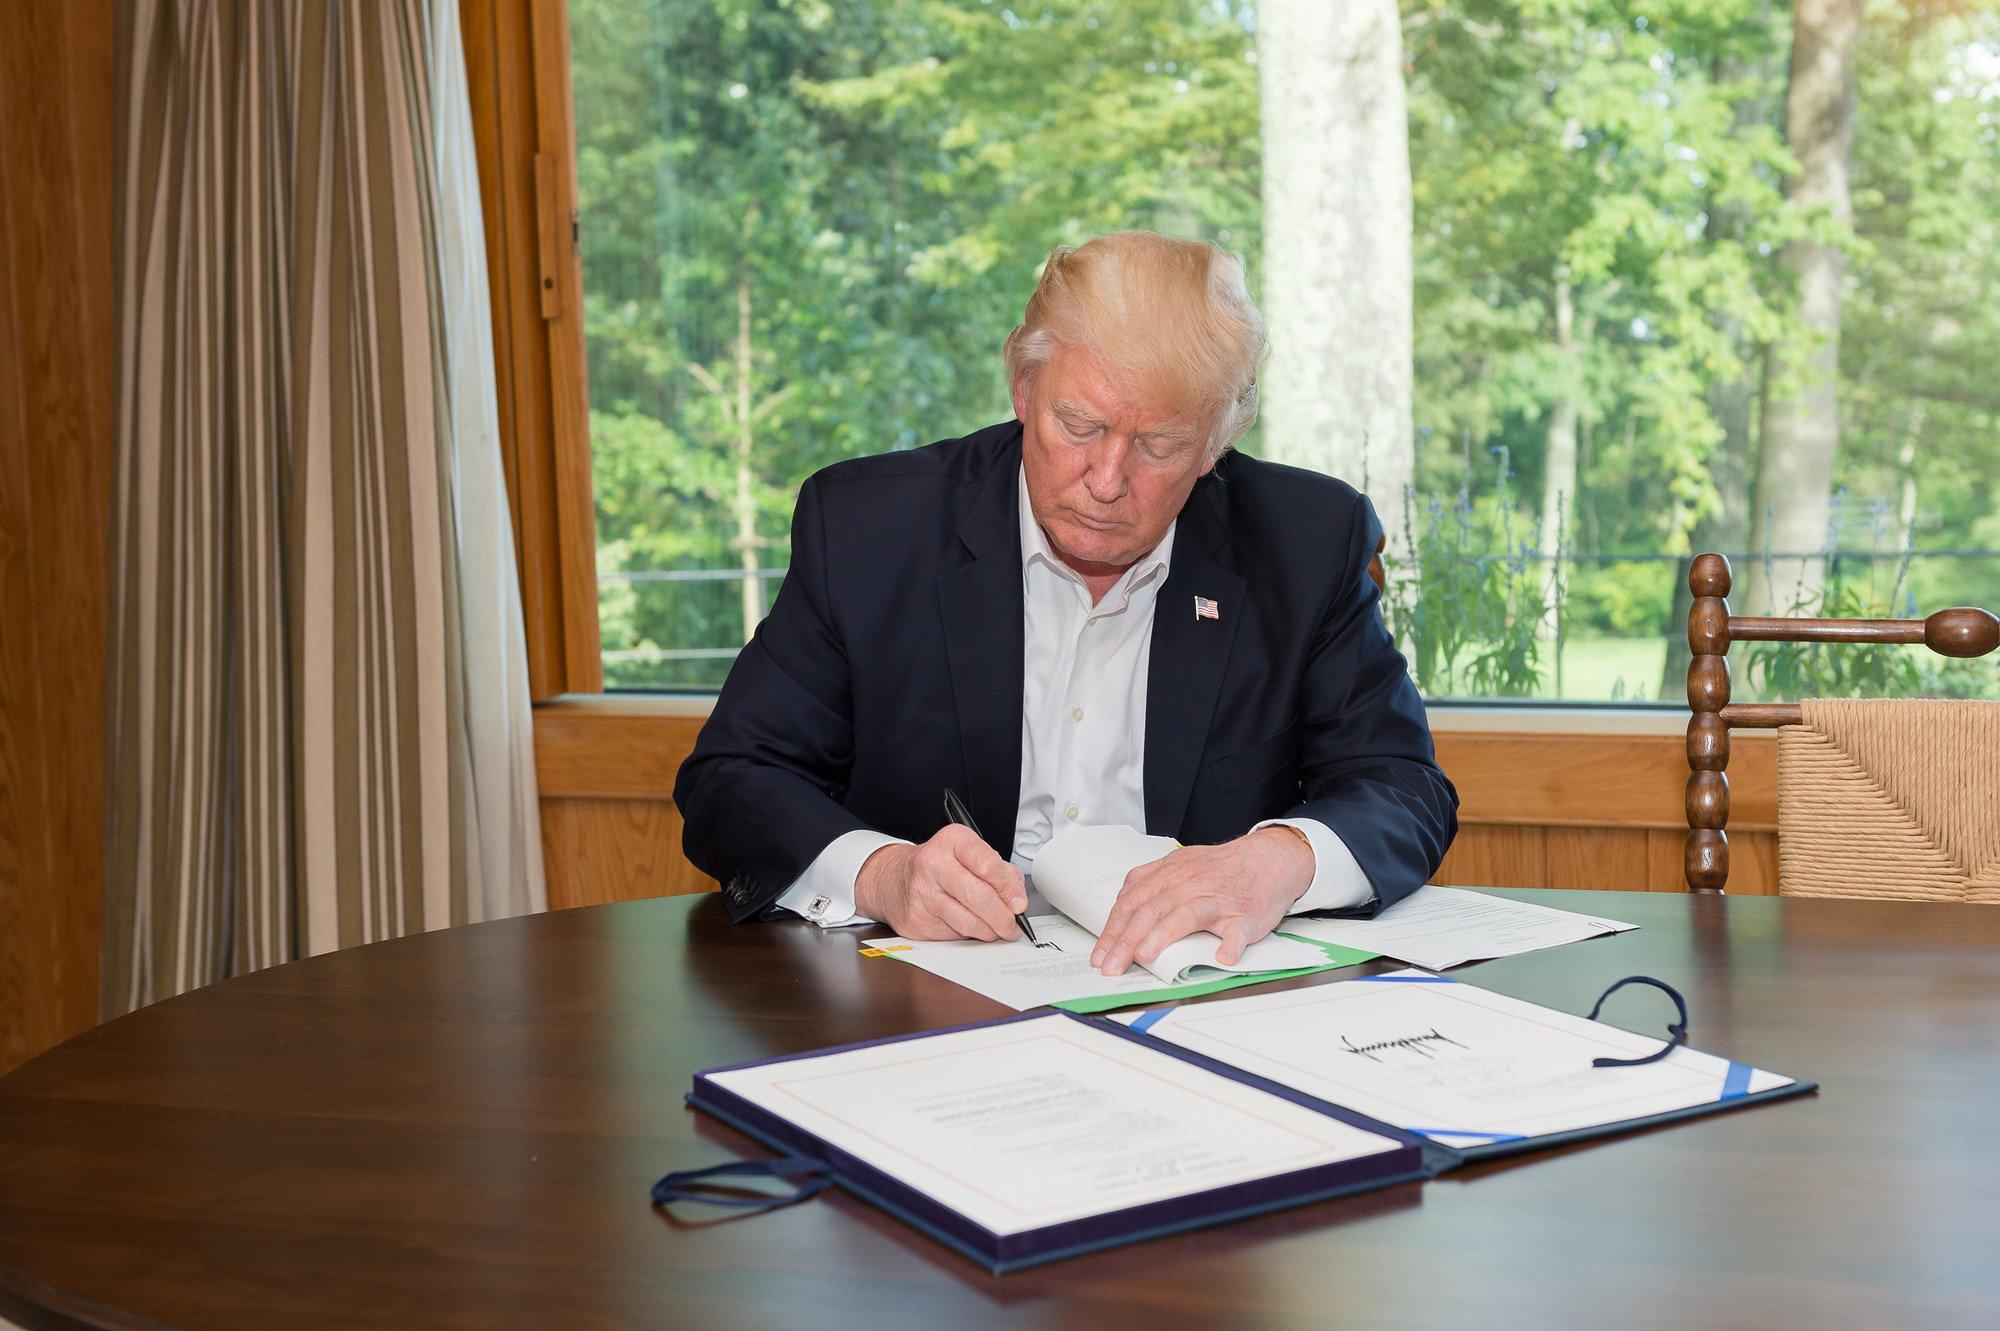 Наследие Трампа: что оставляет миру президент США